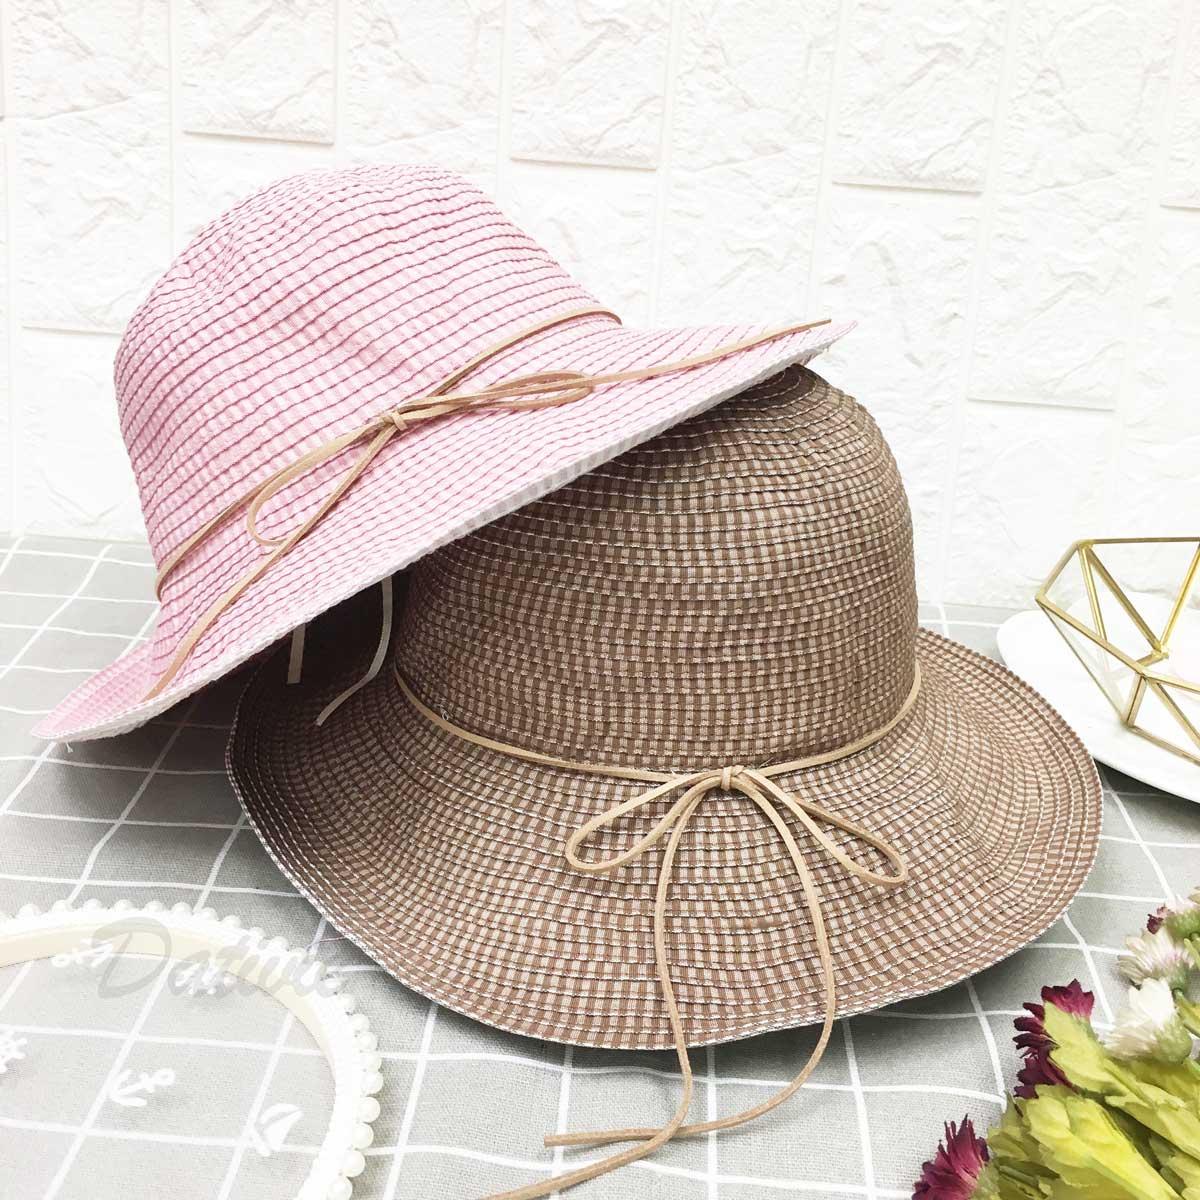 蛋糕層次 綁繩 蝴蝶結 頭圍可調鬆緊 兩色 帽子 遮陽帽 淑女帽